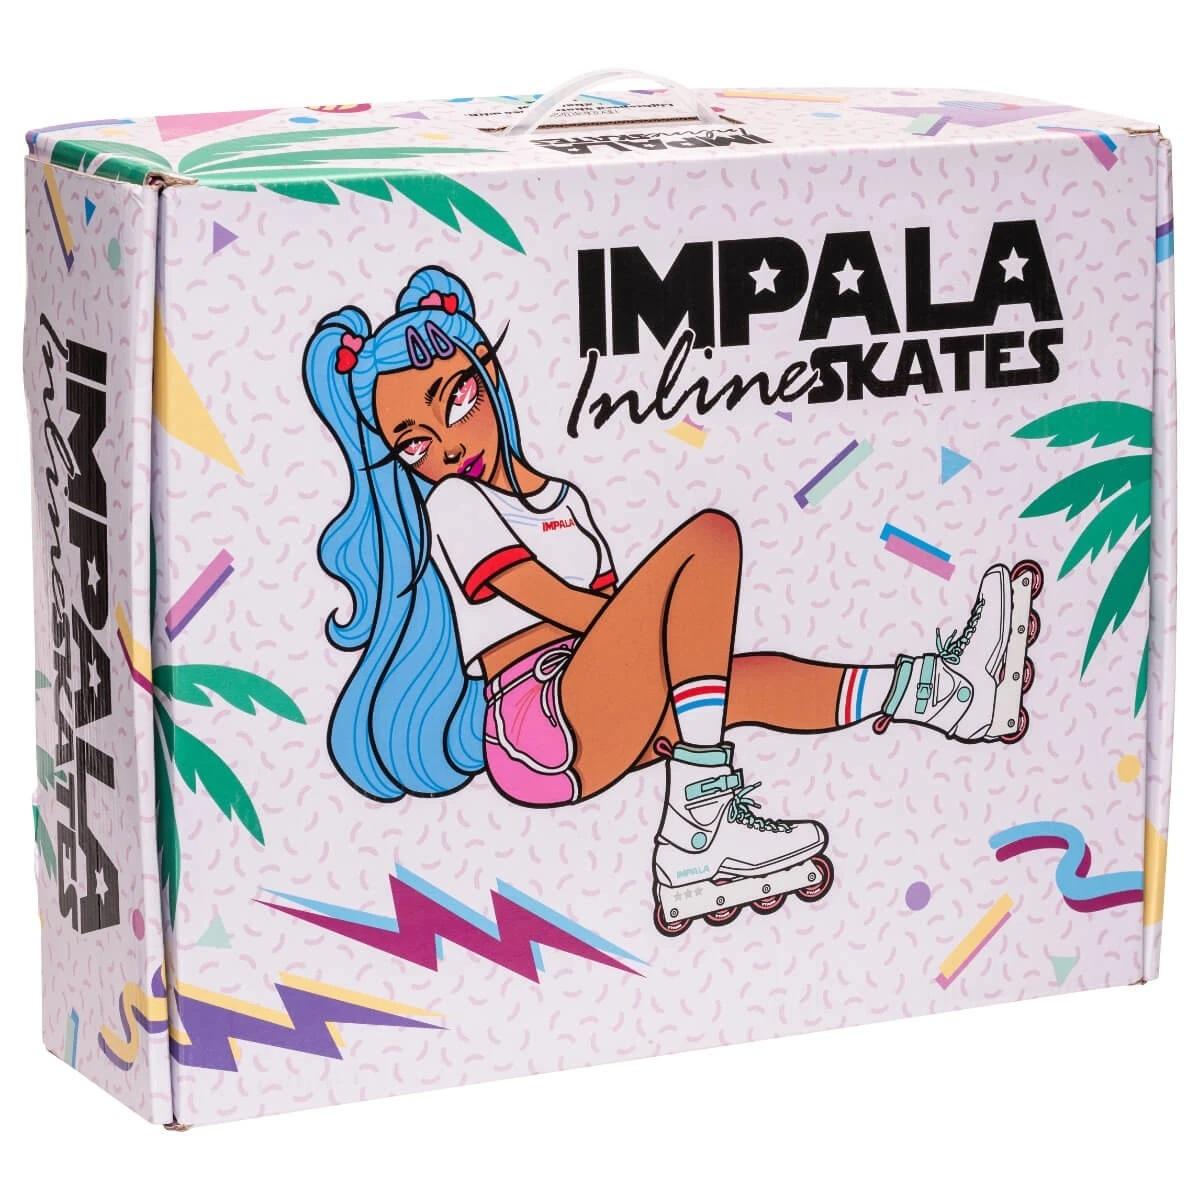 IMPALA IMPALA INLINE SKATES, BLACK/BERRY